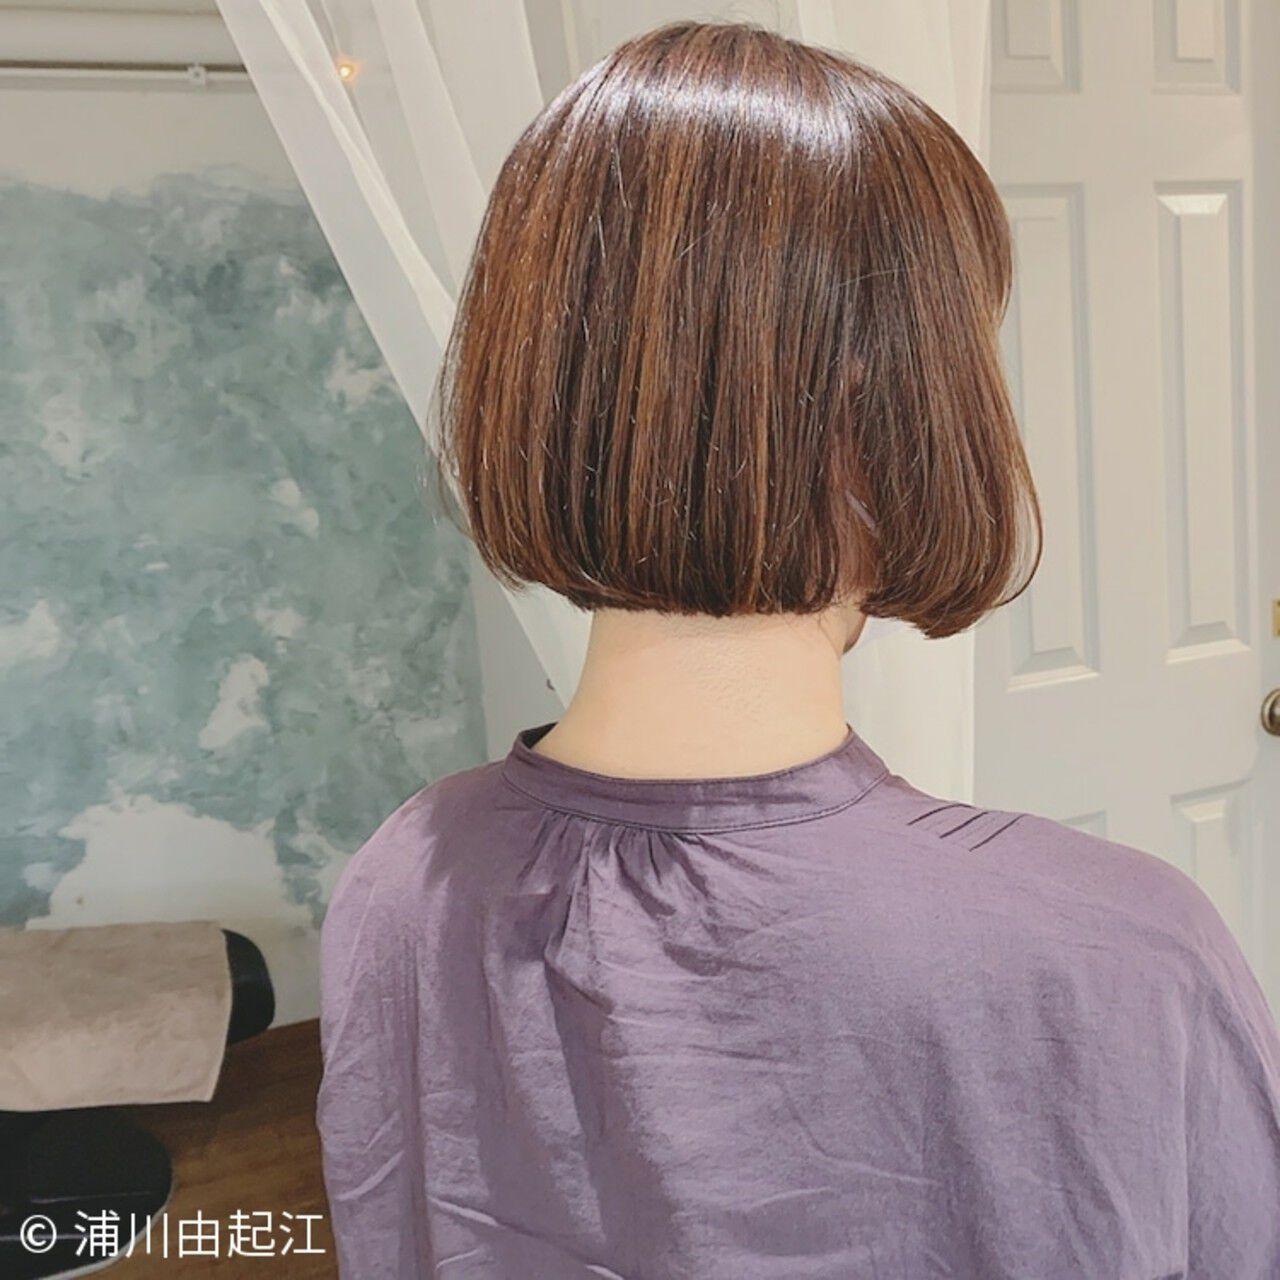 グラデーションカラー ゆるふわ ボブ ナチュラルヘアスタイルや髪型の写真・画像